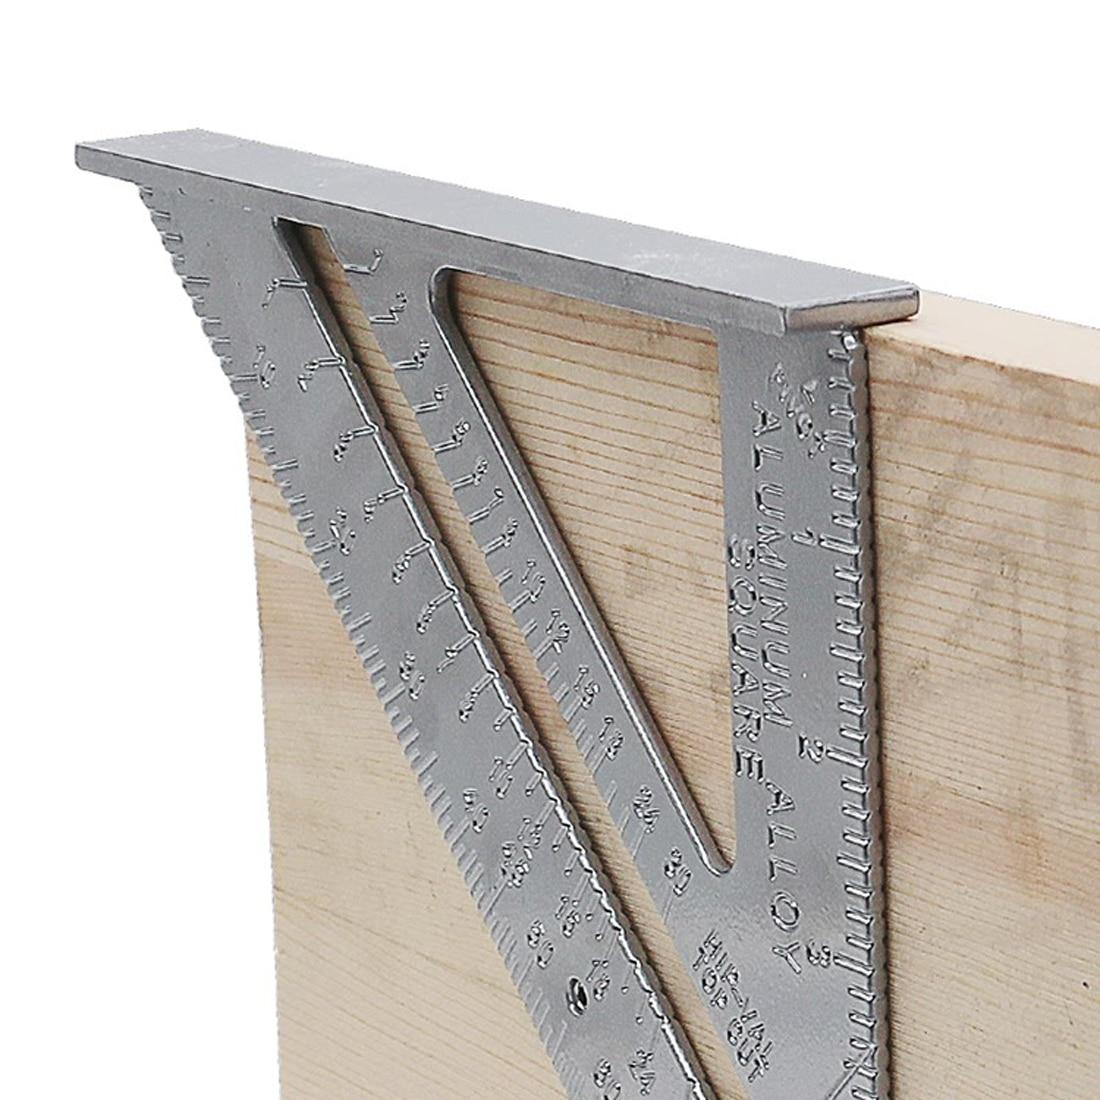 Mitón de velocidad de aleación de aluminio, 1 unidad, medidor de medición de guía de corte tricuadrado, regla de carpintero|Medidores|   - AliExpress